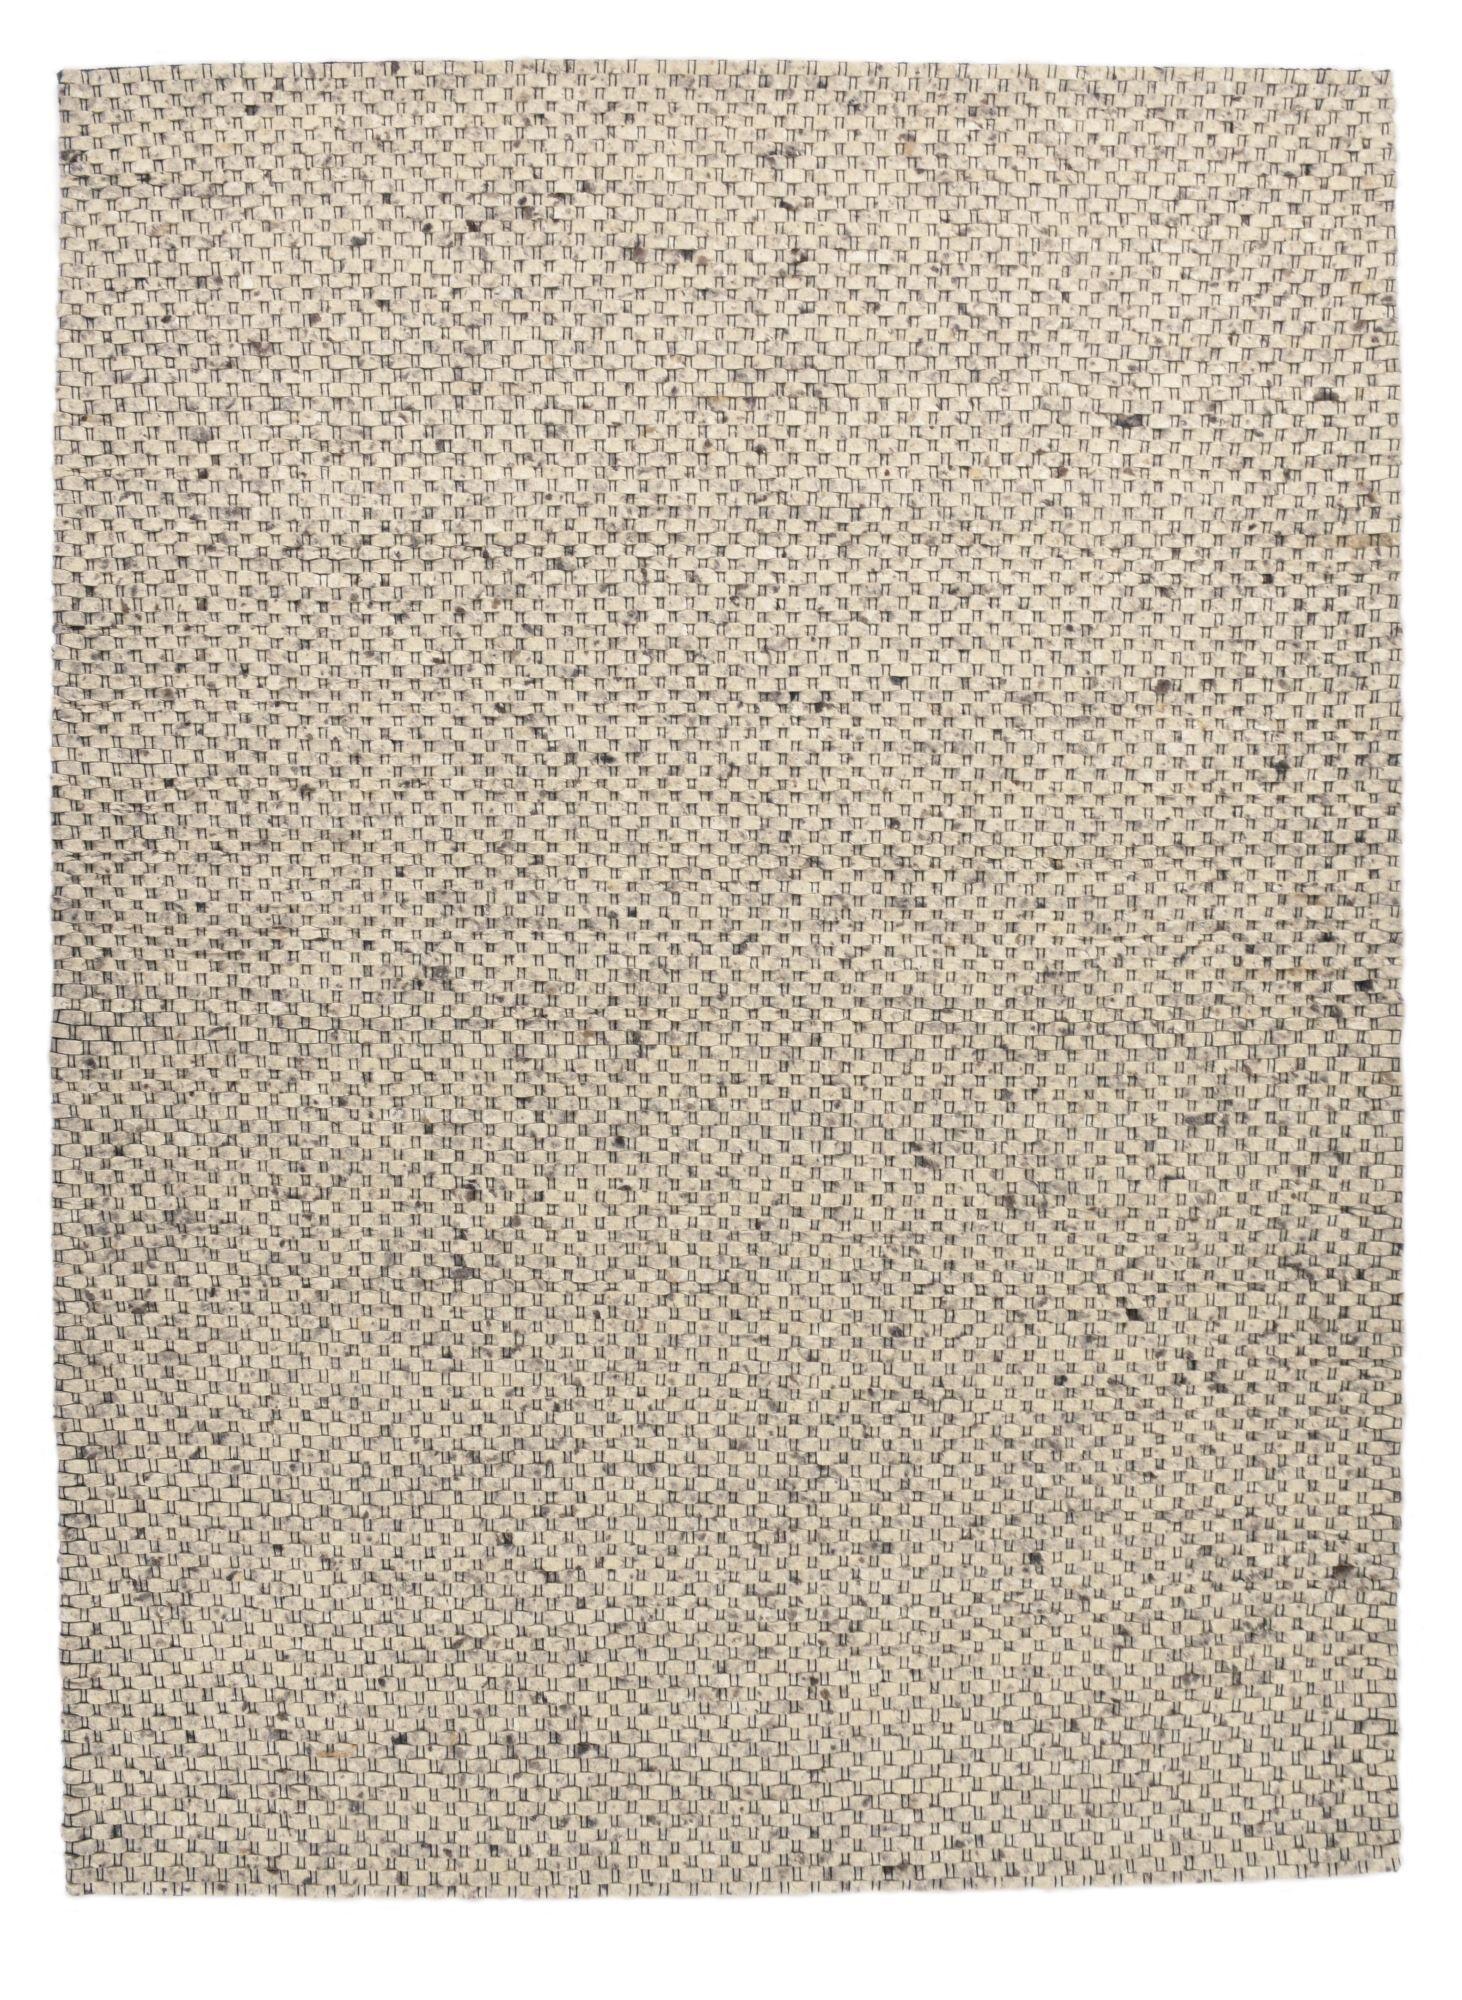 THEKO Tapis feutré en laine naturelle fait main gris 140x200